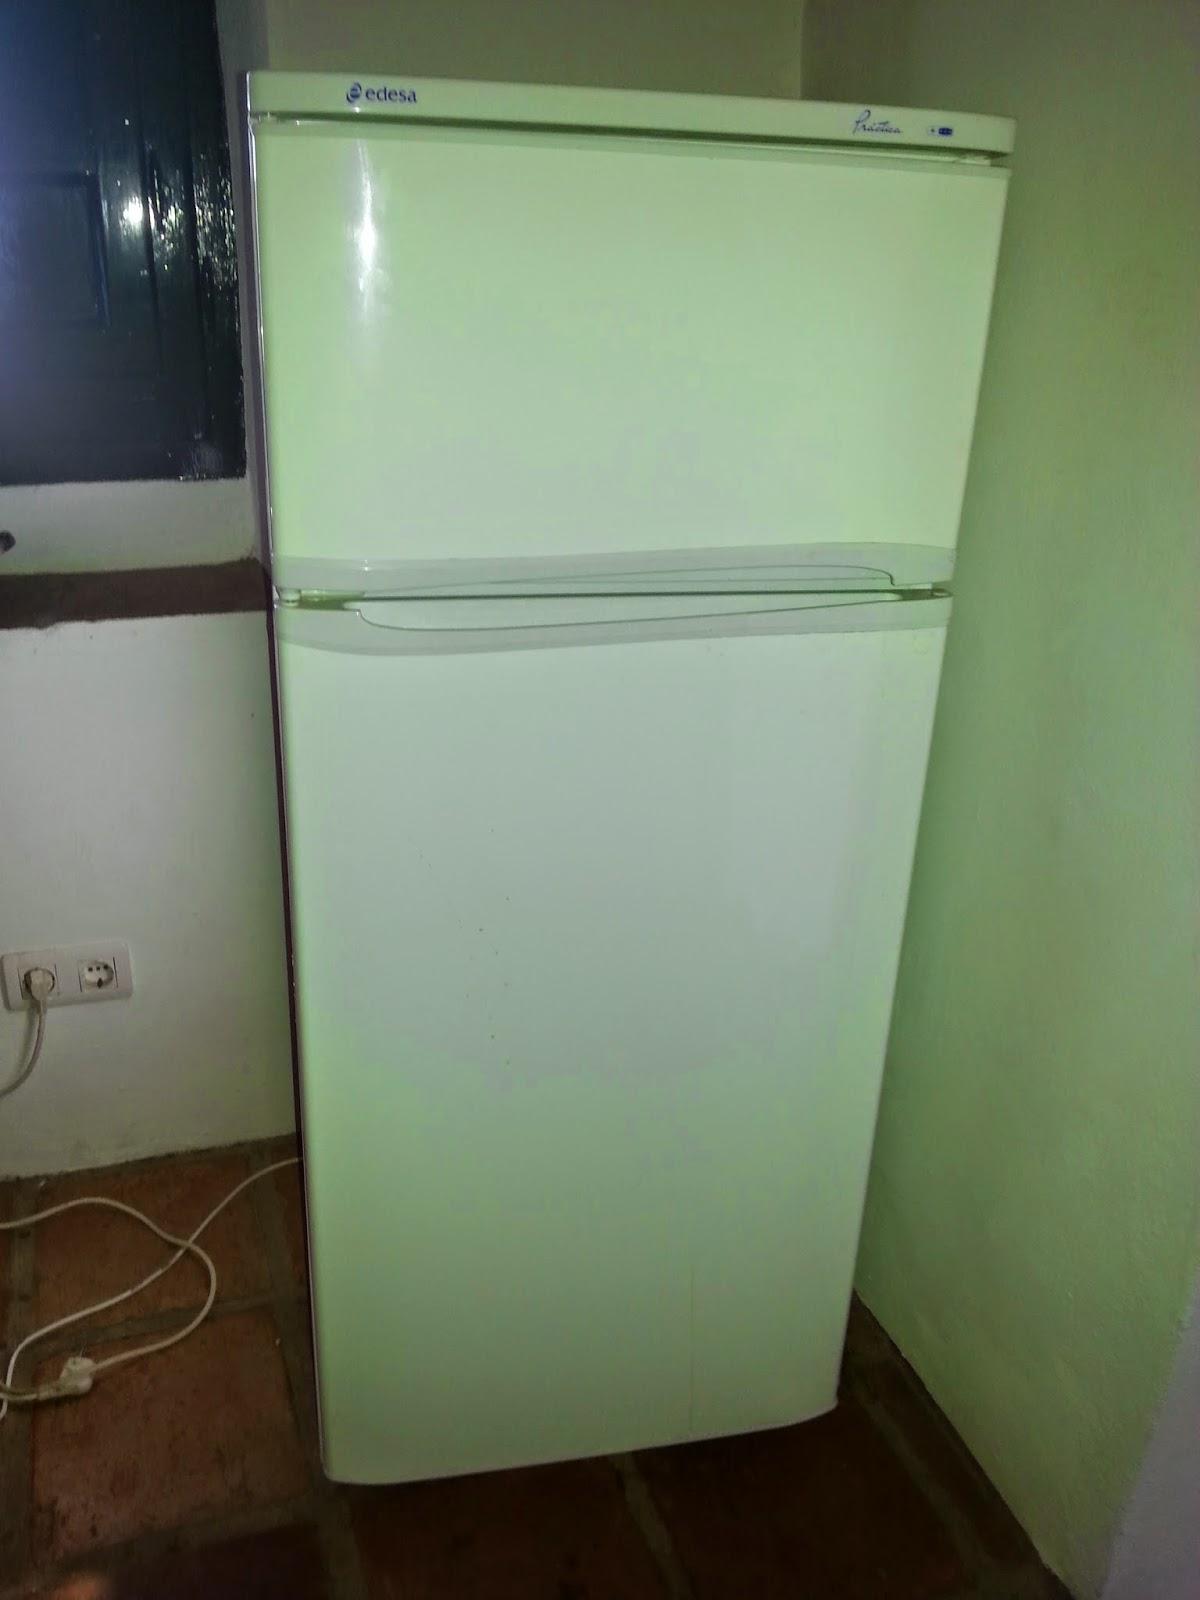 digame for sale fridge freezer. Black Bedroom Furniture Sets. Home Design Ideas